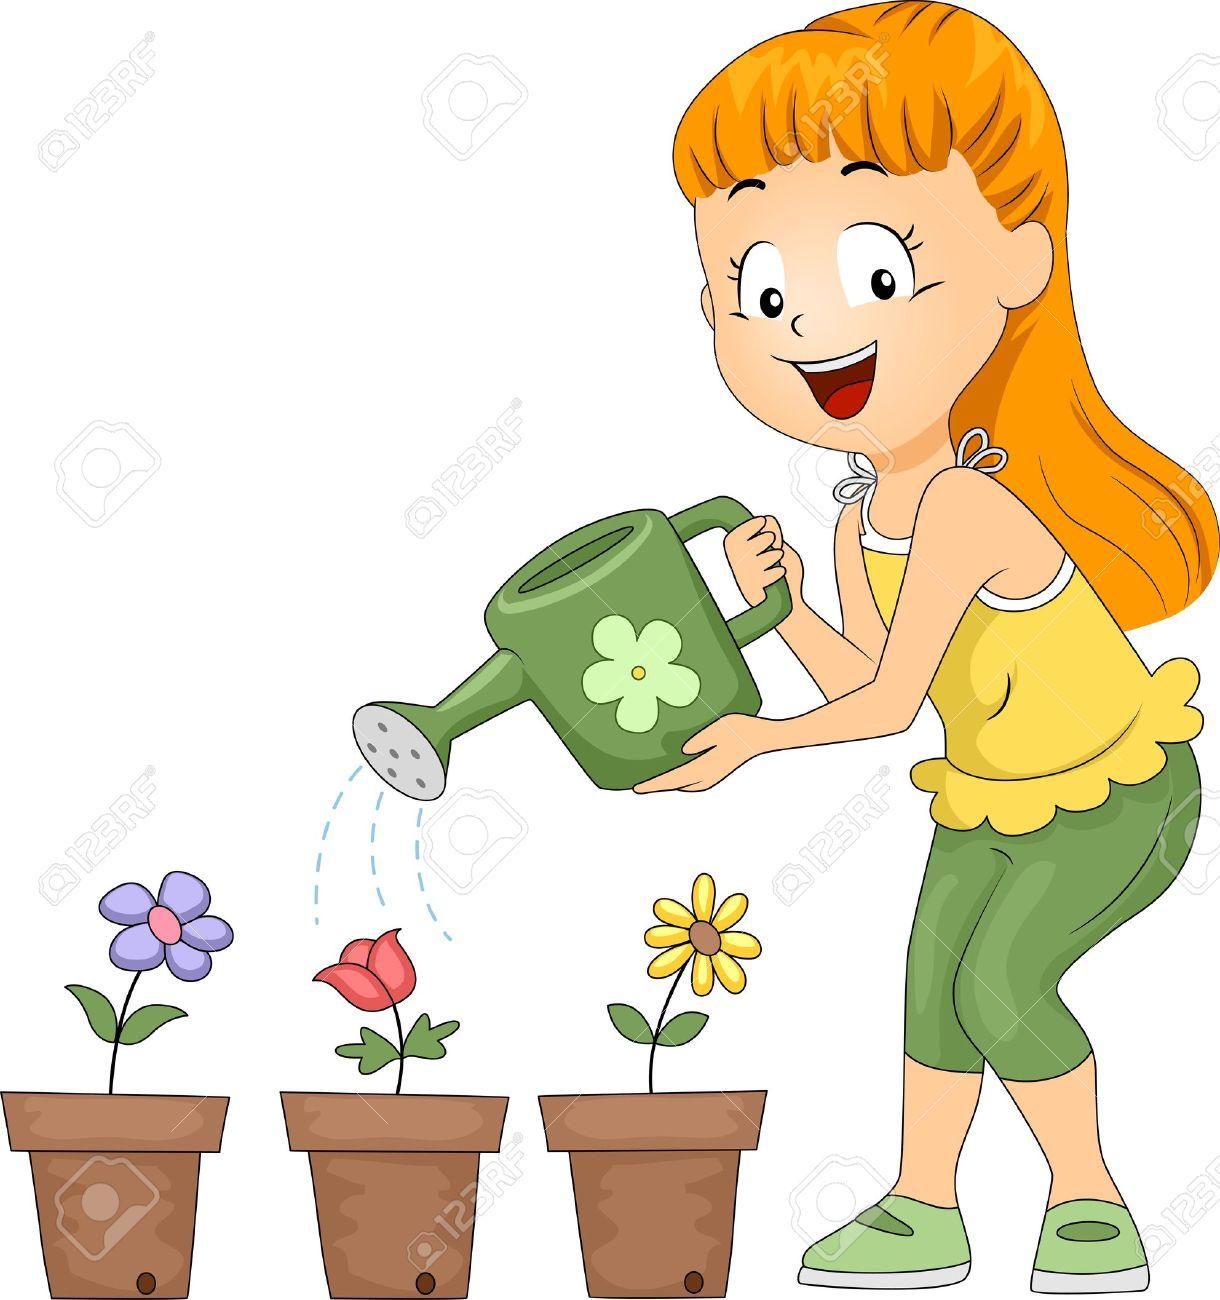 Resultado de imagen para water the plants animado